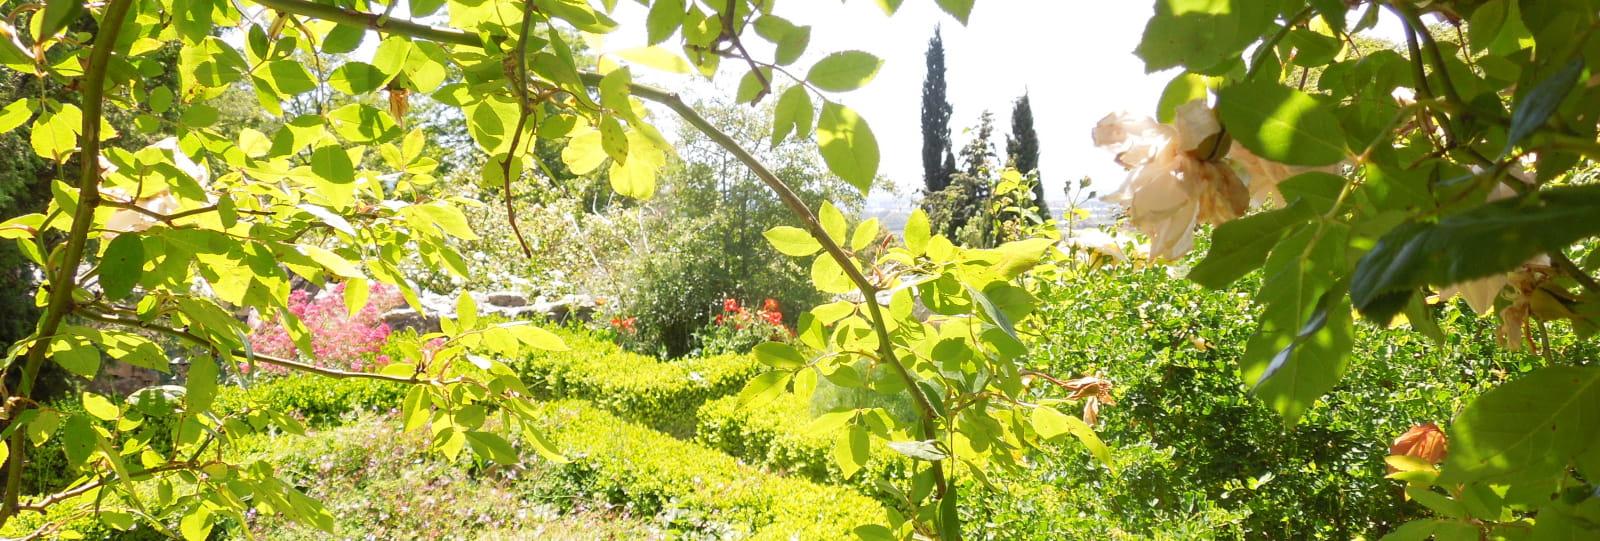 Jardin des Herbes - Jardin communal classé 'Remarquable'